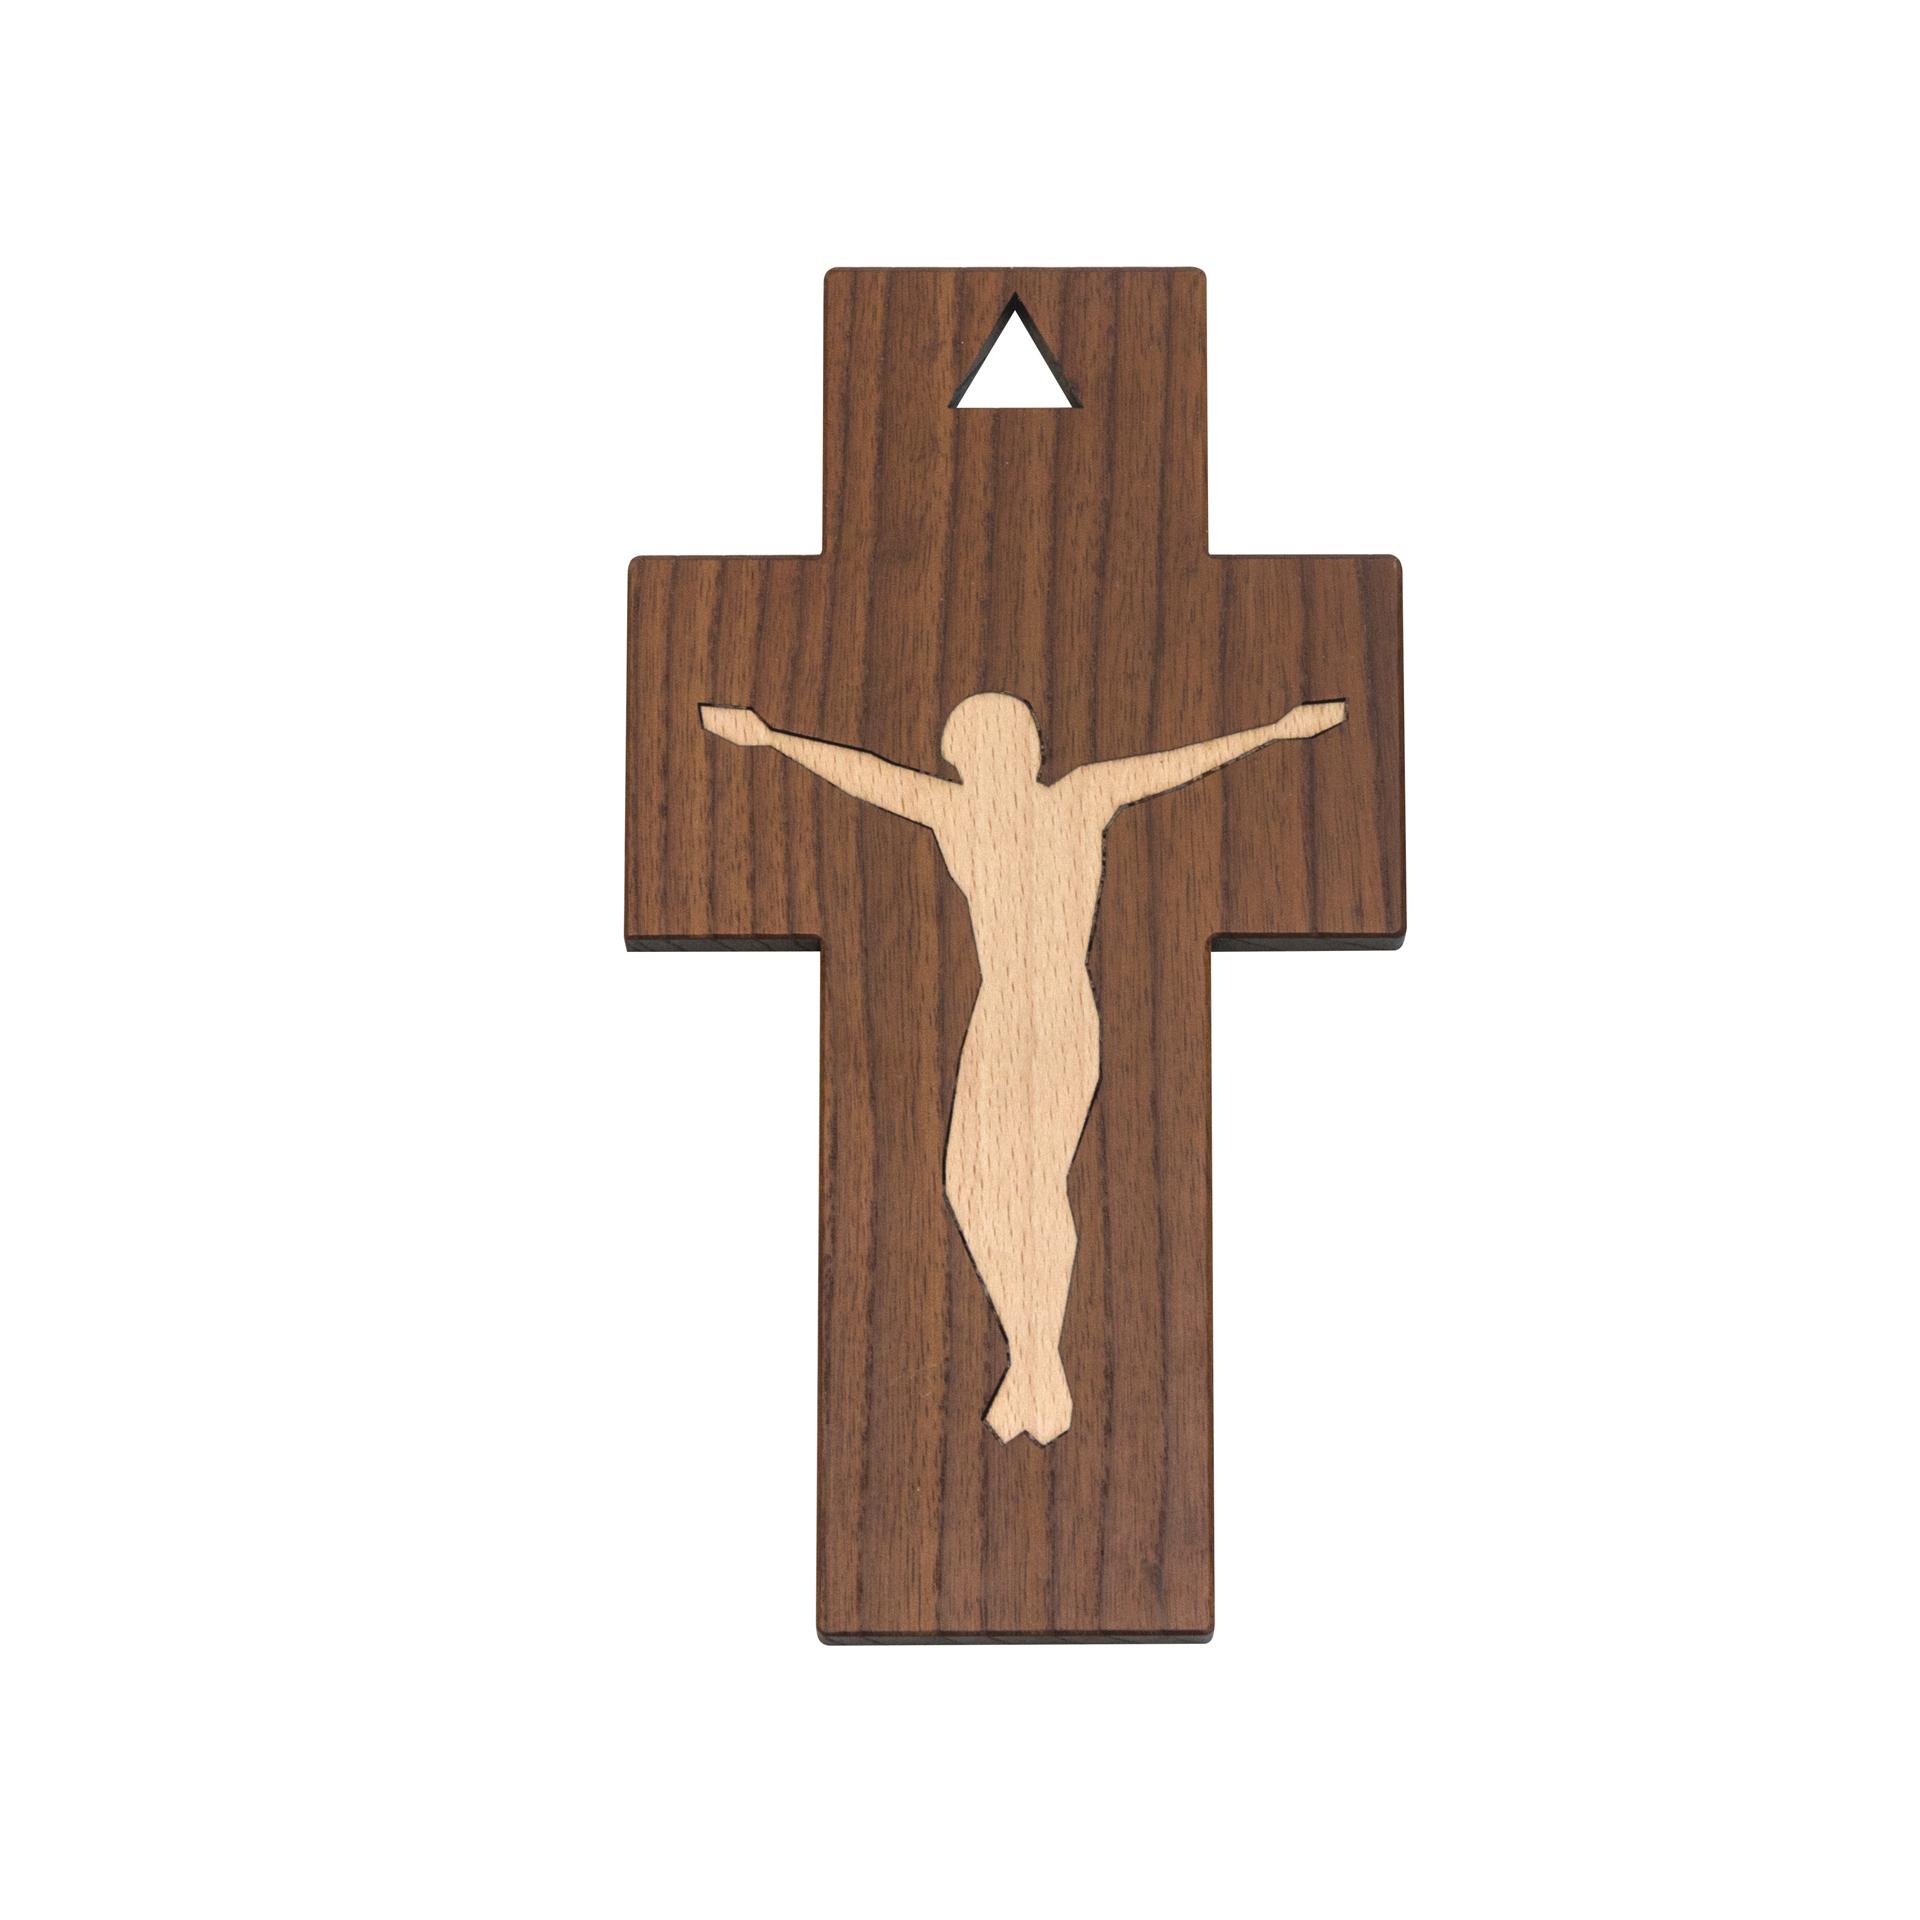 Kreuz Intarsie Corpus Christi, Thermoesche/Buche